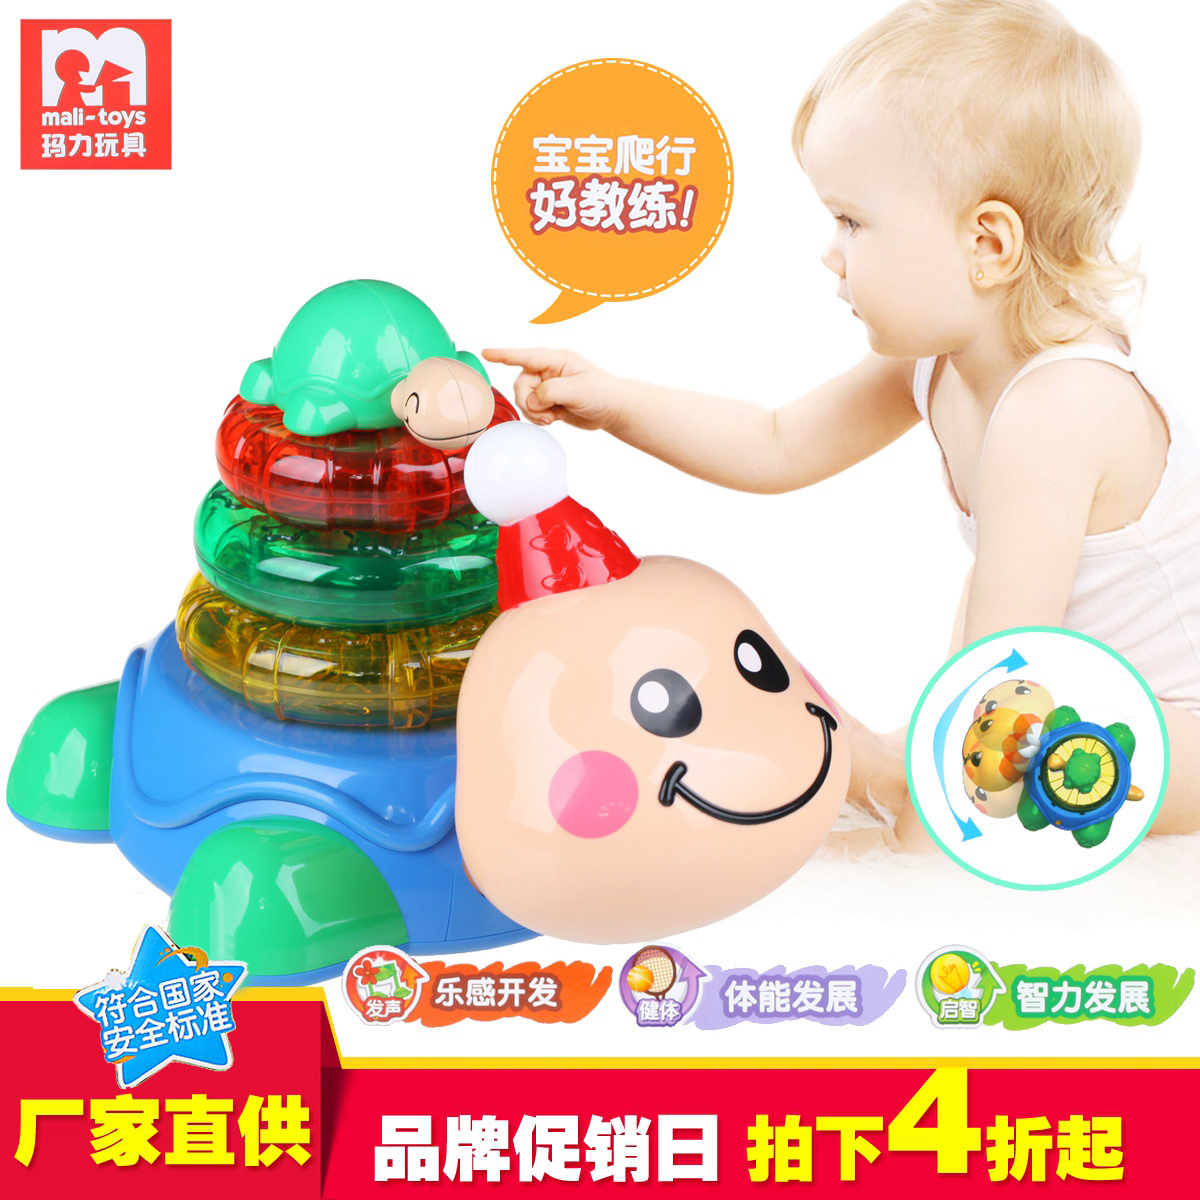 玛力玩具 欢乐龟叠叠乐 婴幼儿宝宝叠叠圈声光益智启蒙早教玩具